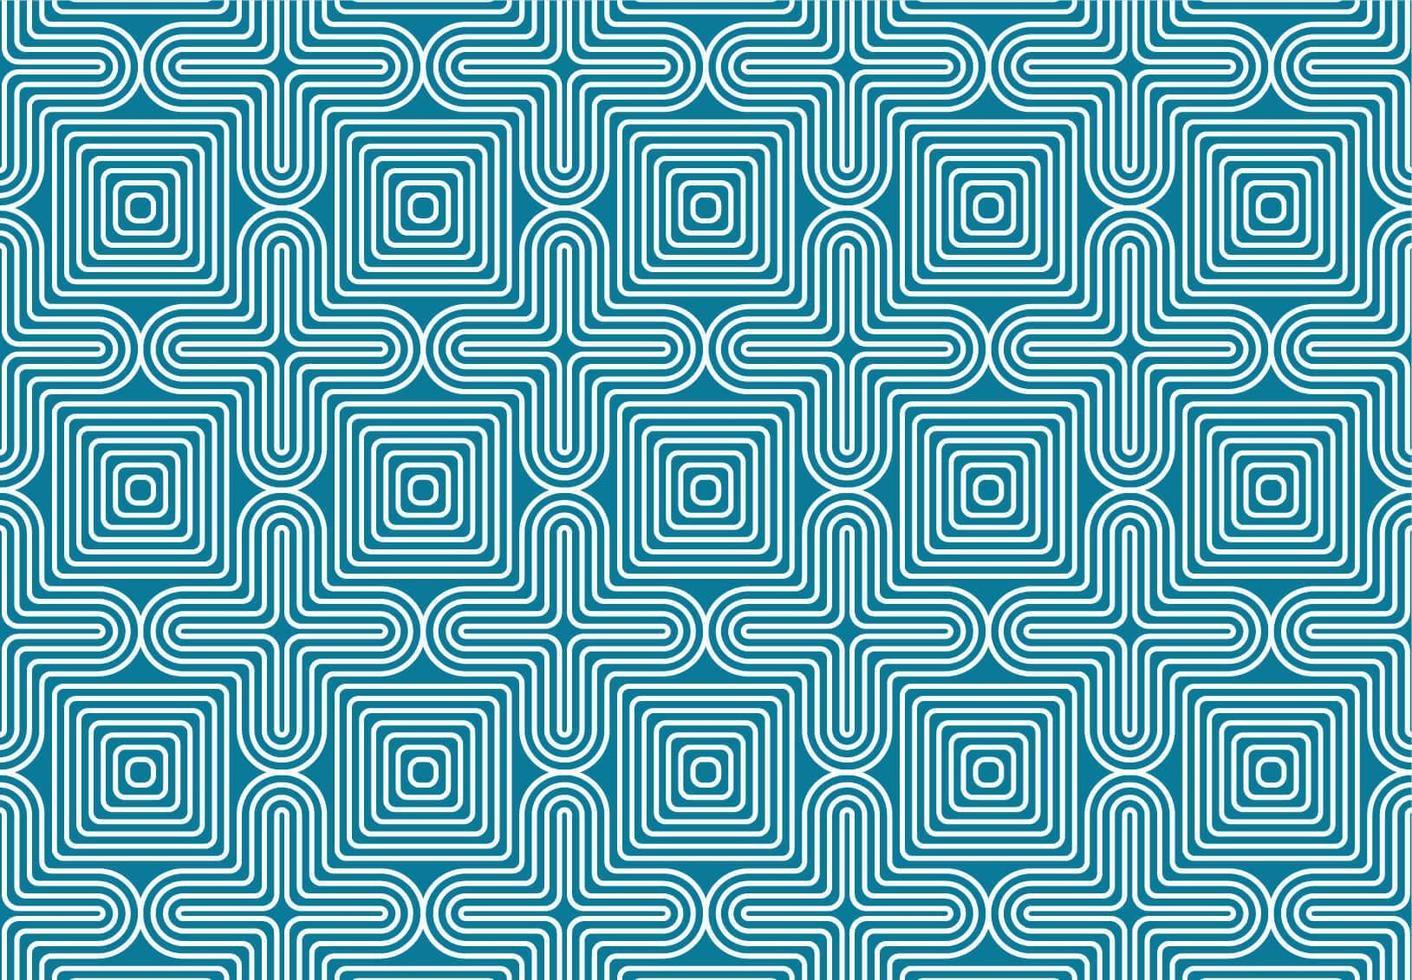 senza cuciture di illusione ottica geometrica bianca e blu vettore